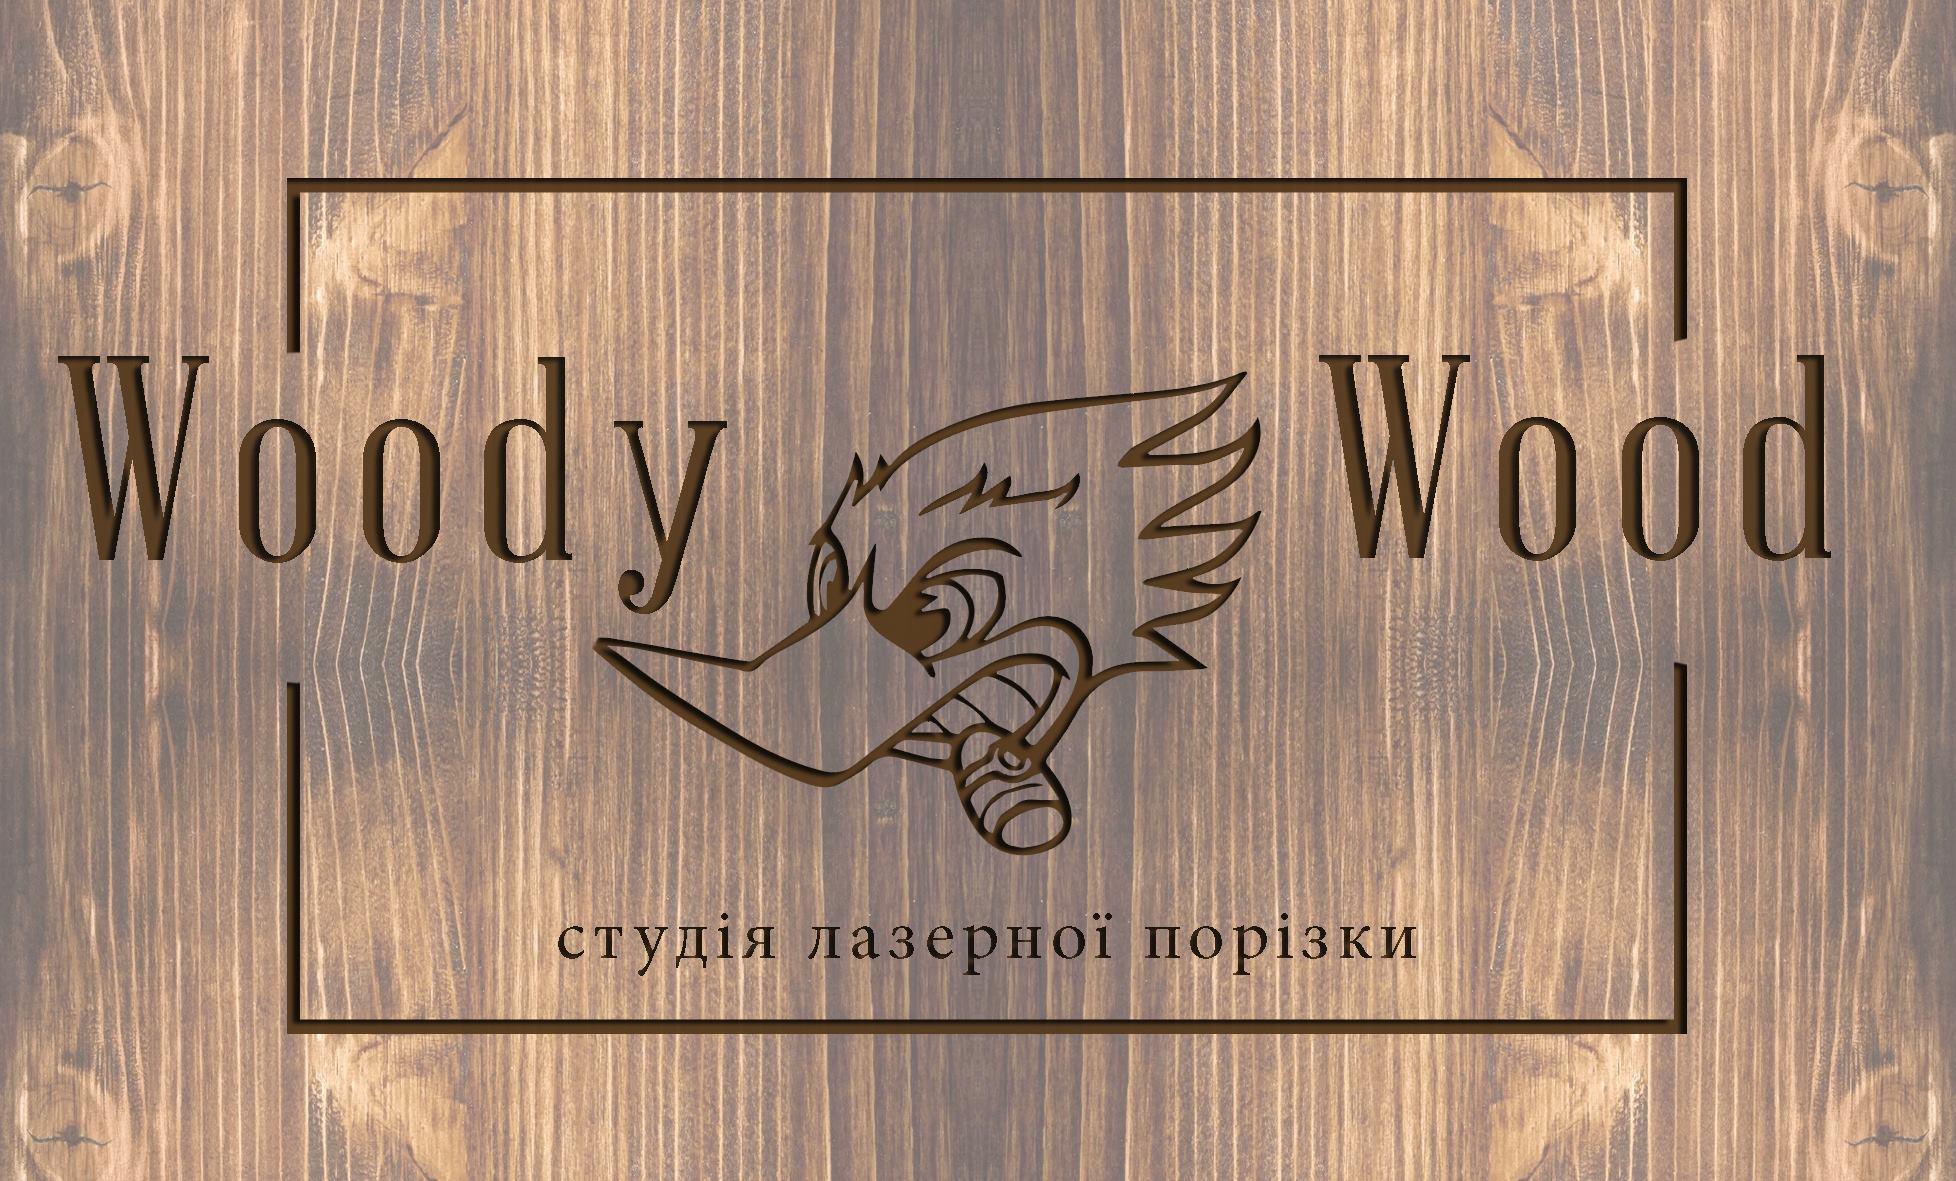 Студія лазерної порізки Woody wood